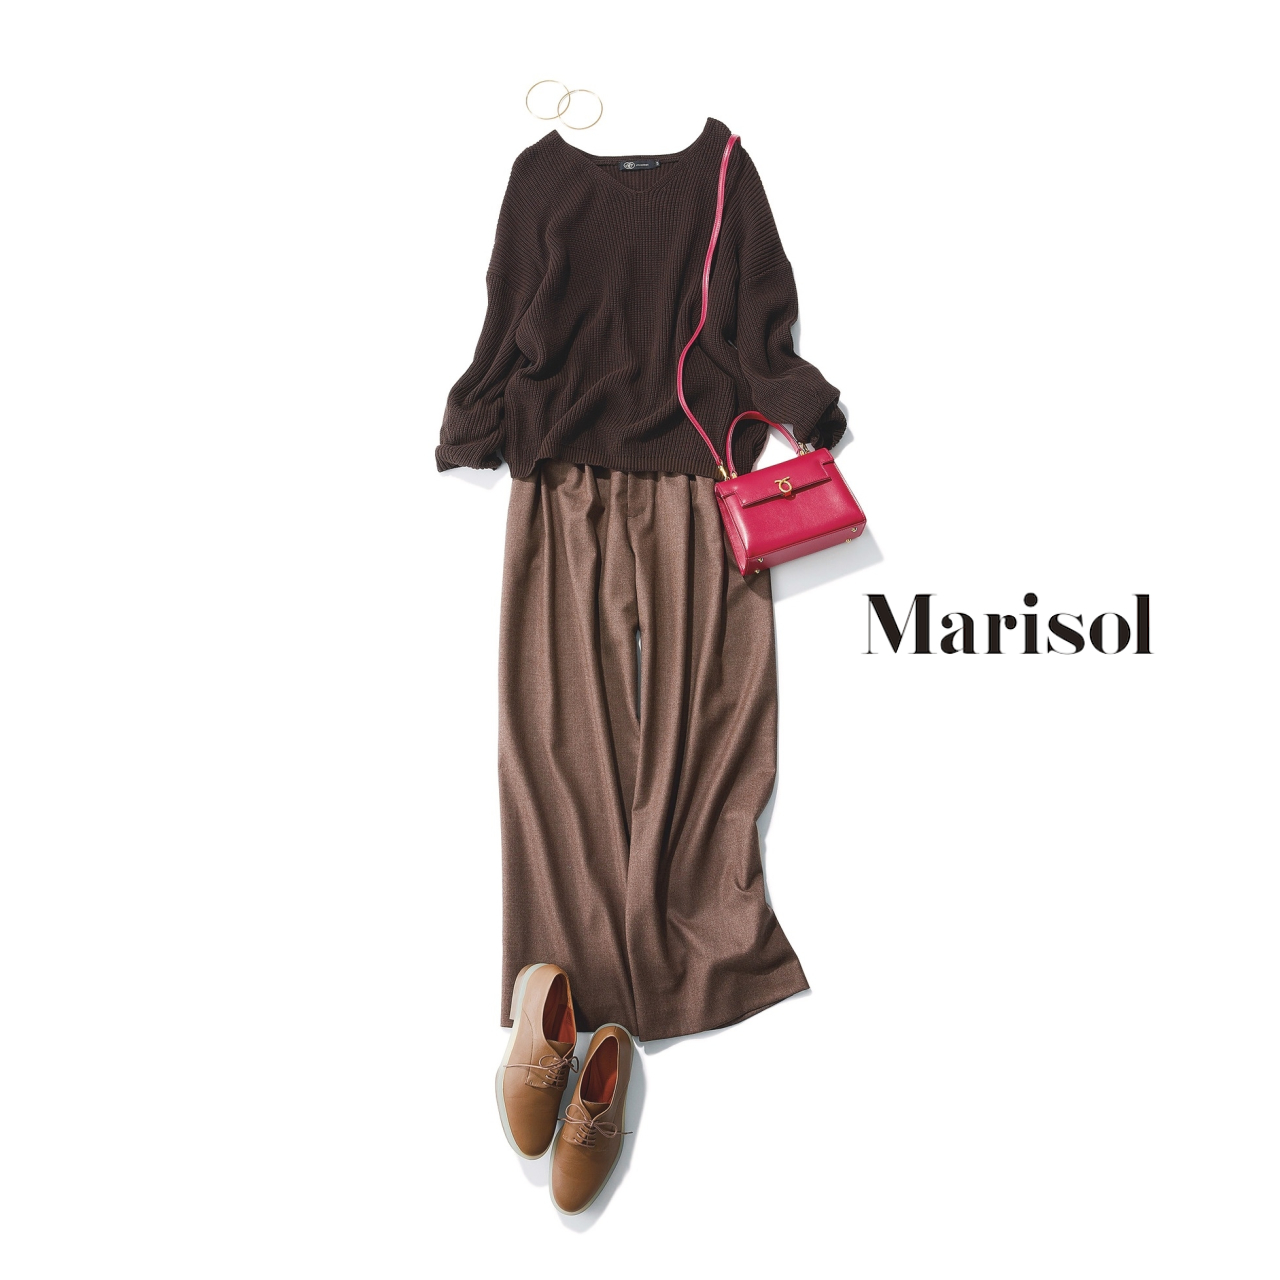 40代ファッション ブラウンニット×ブラウンパンツコーデ